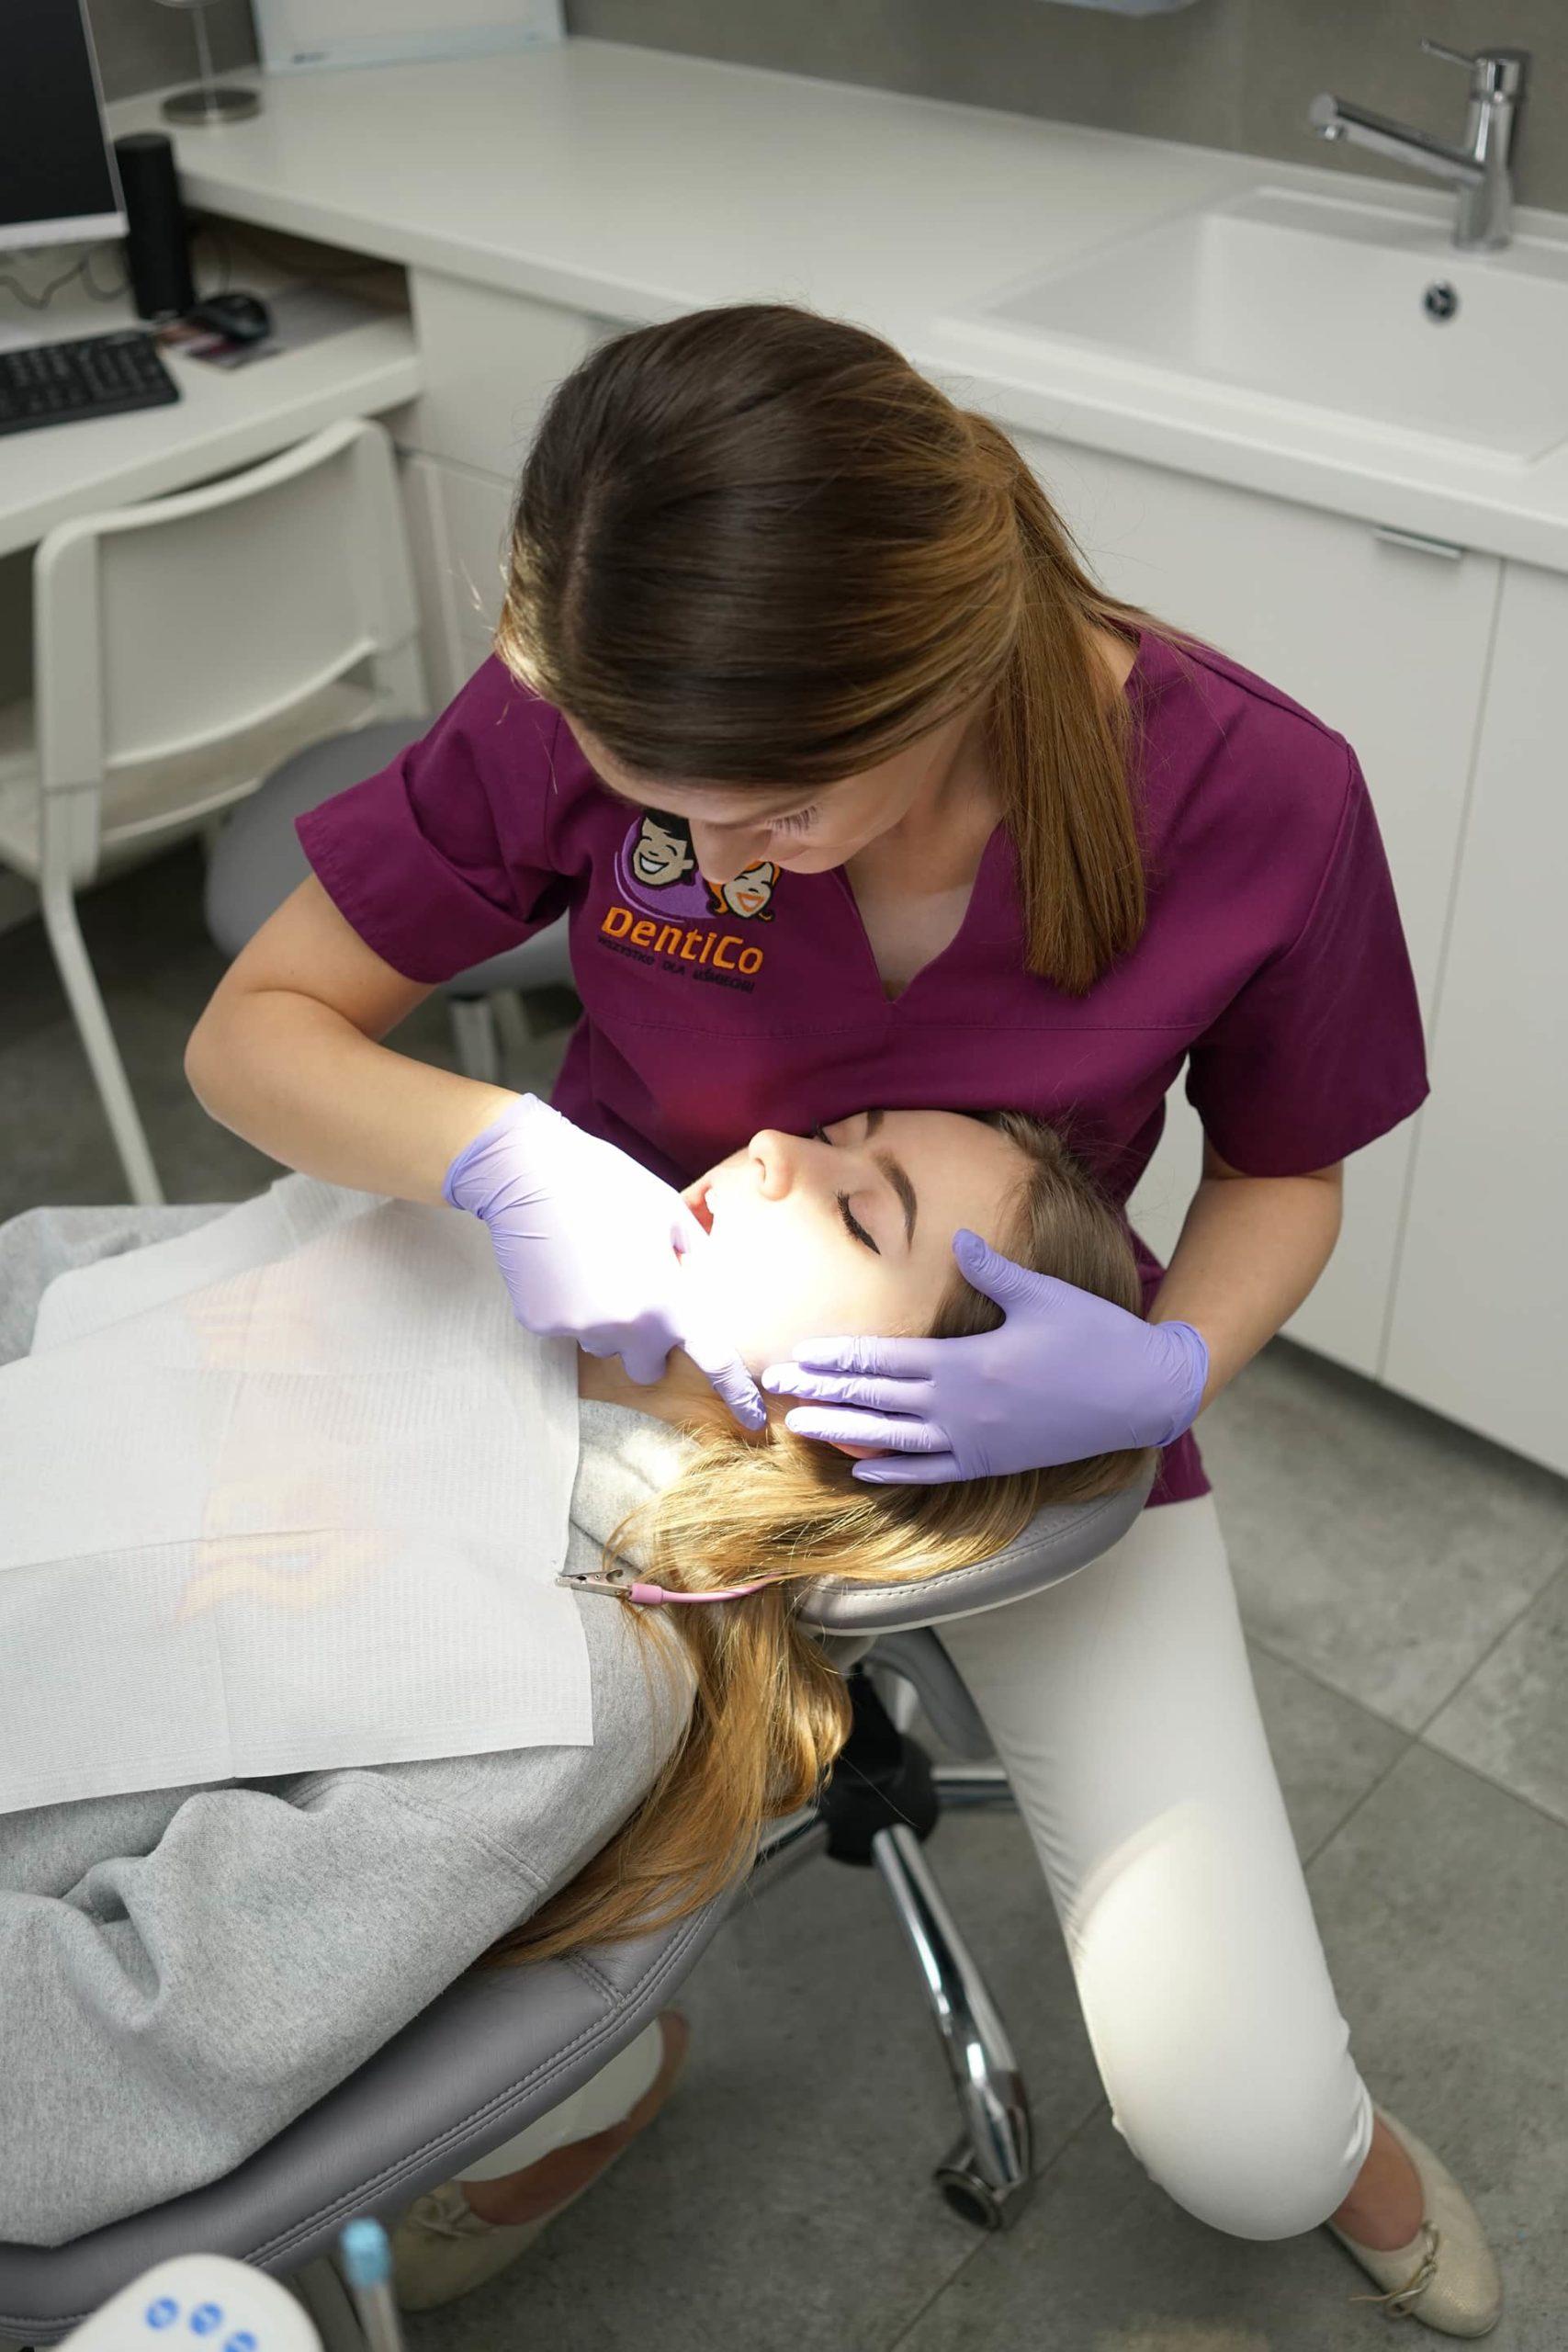 Fizjoterapia <span>Gdańsk</span> Okluzja Dentico gotdsc01712 4 scaled